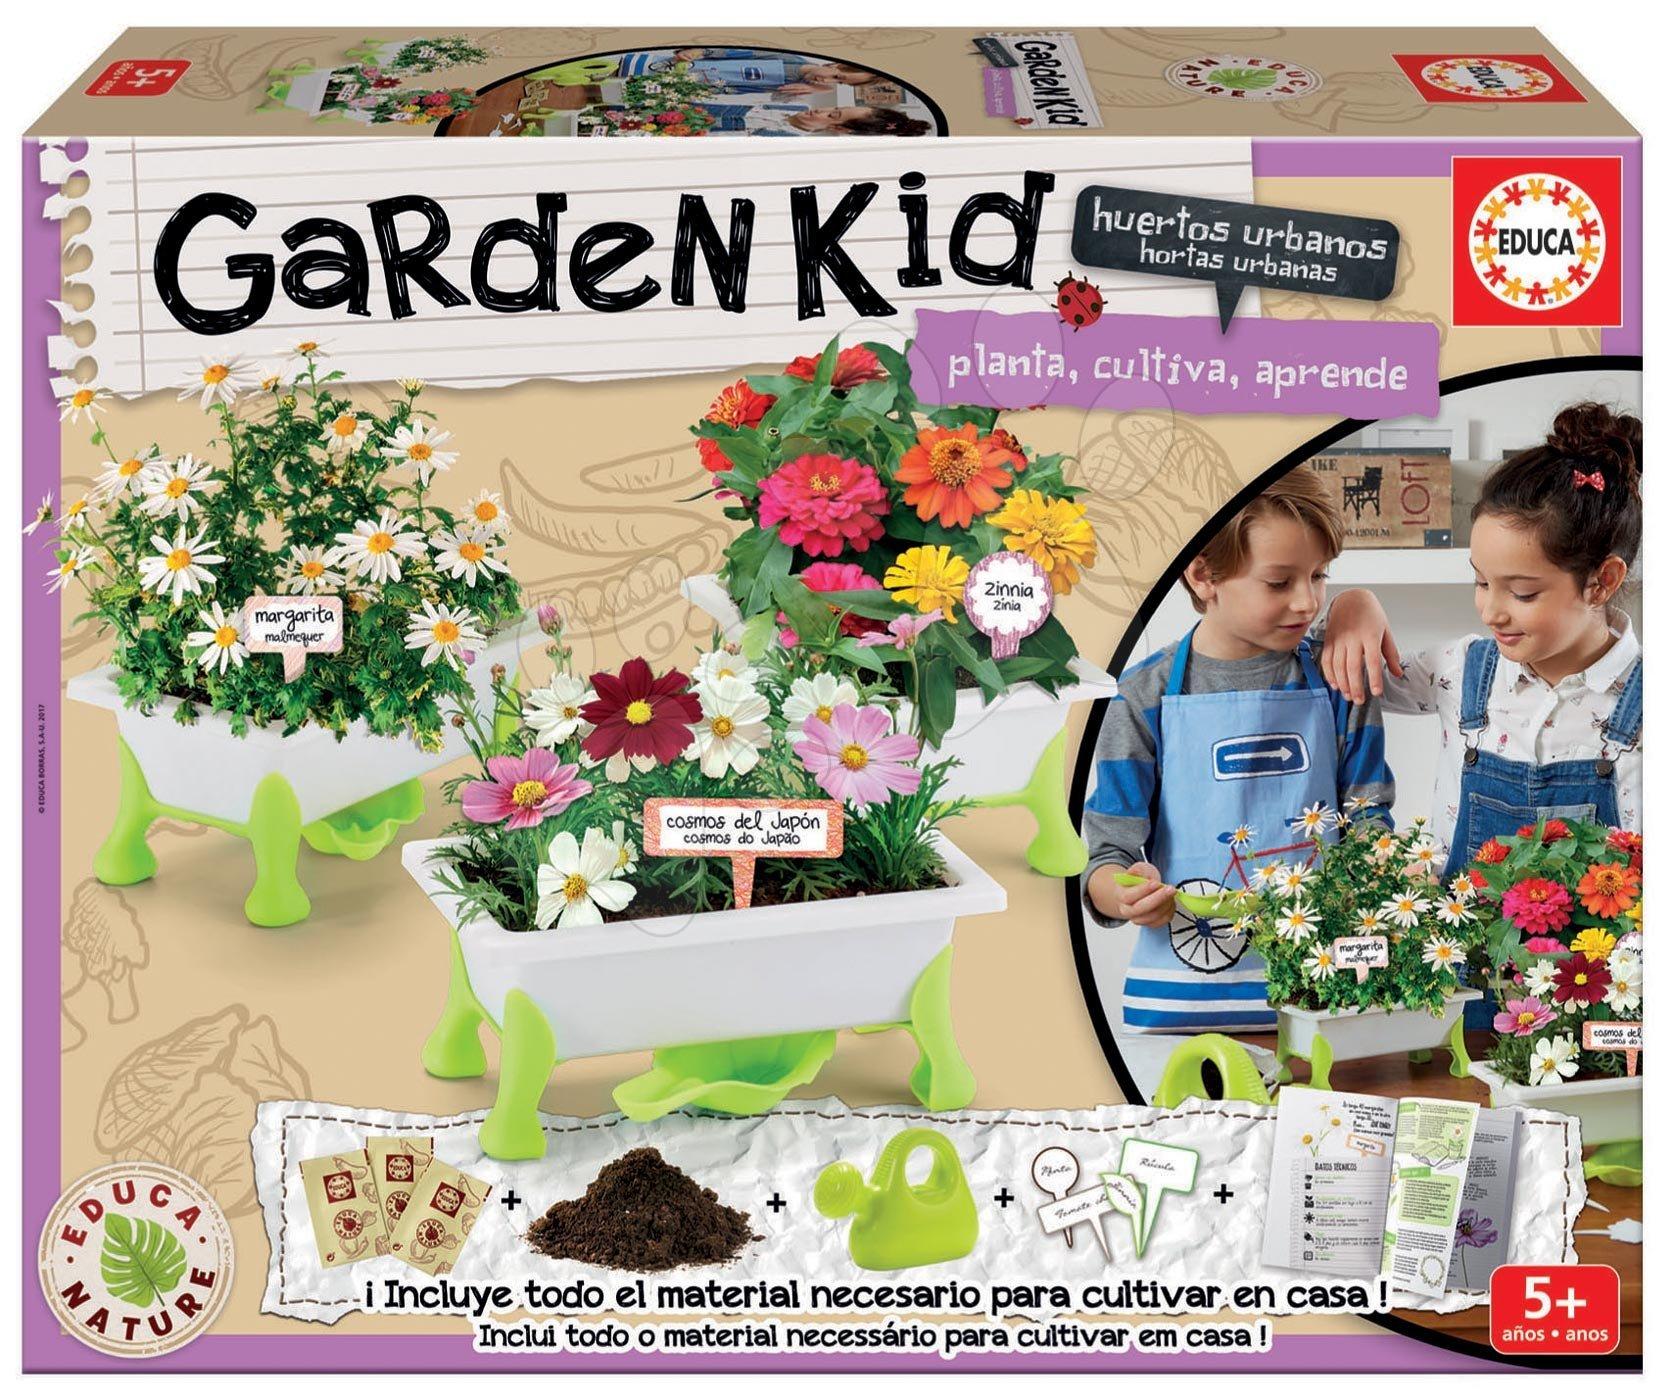 Malý zahradník květiny Nature Educa Daisy, Zinnia, Cosmos se zahradnickými potřebami od 5 let